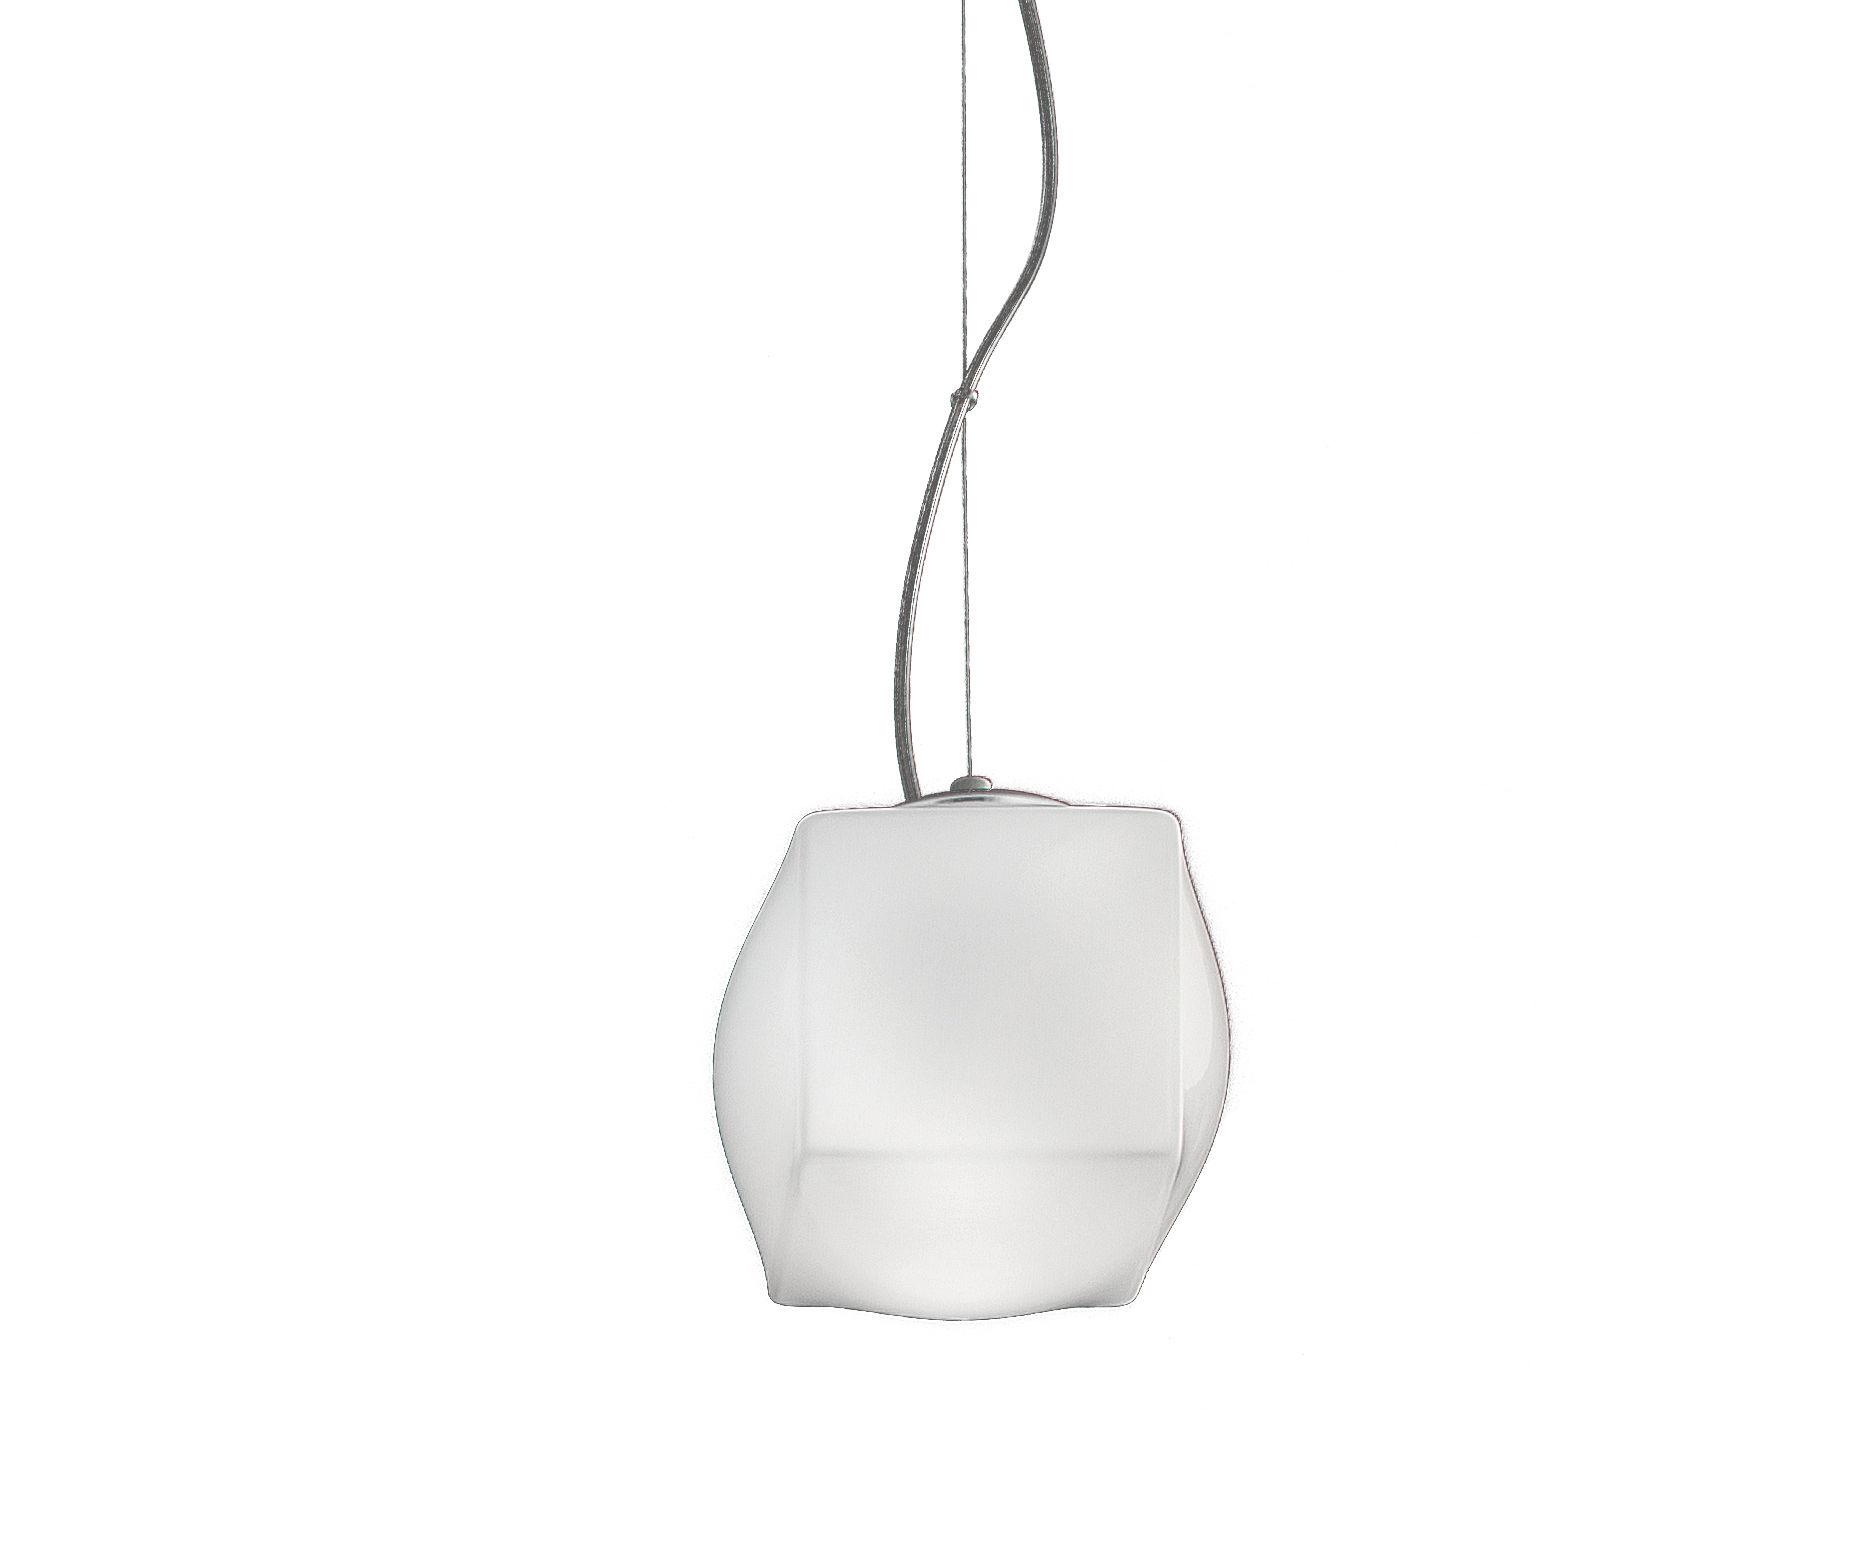 Luminaire - Suspensions - Suspension Macondo Small / Ø 15 cm - Nemo - Ø 15 cm / Blanc - Métal chromé, Verre soufflé bouche